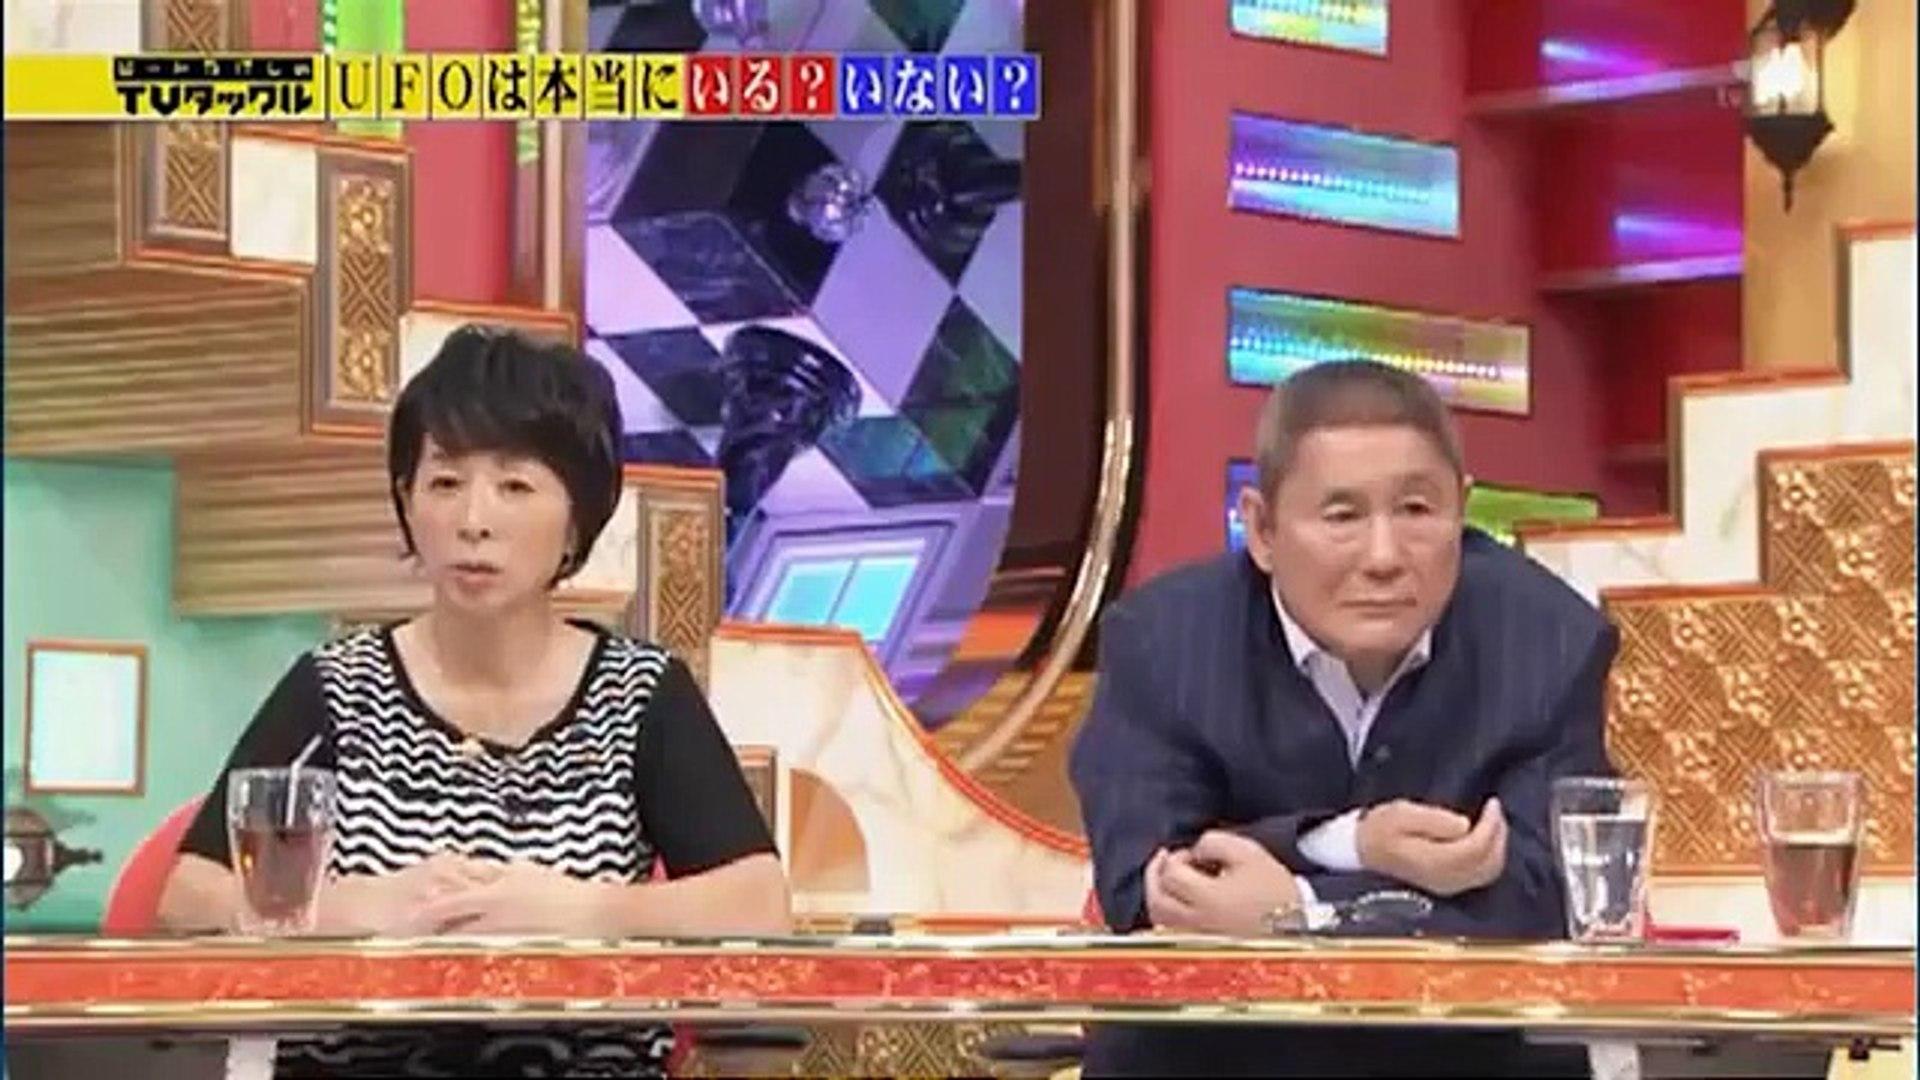 テレビ タックル